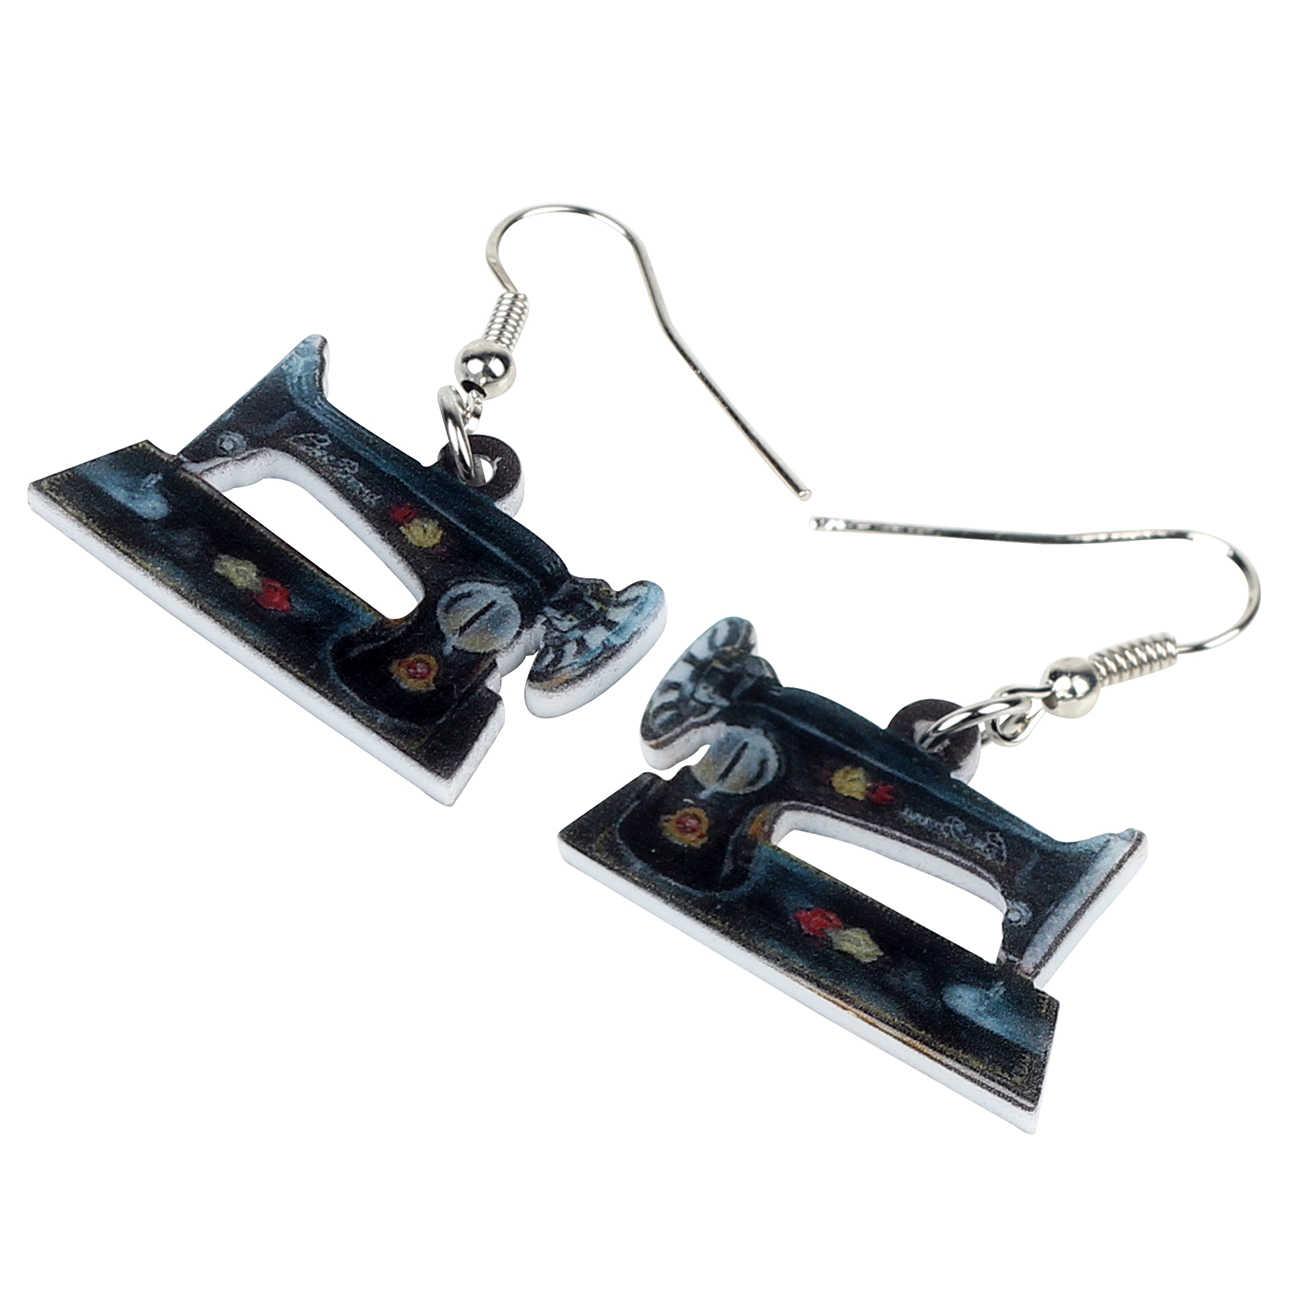 Bonsny Tuyên Bố Acrylic Hoa May Máy Bông Tai Drop Dangle Earrings Độc Đáo Công Cụ Đồ Trang Sức Cho Phụ Nữ Cô Gái Thanh Thiếu Niên Quà Tặng Đảng Charms